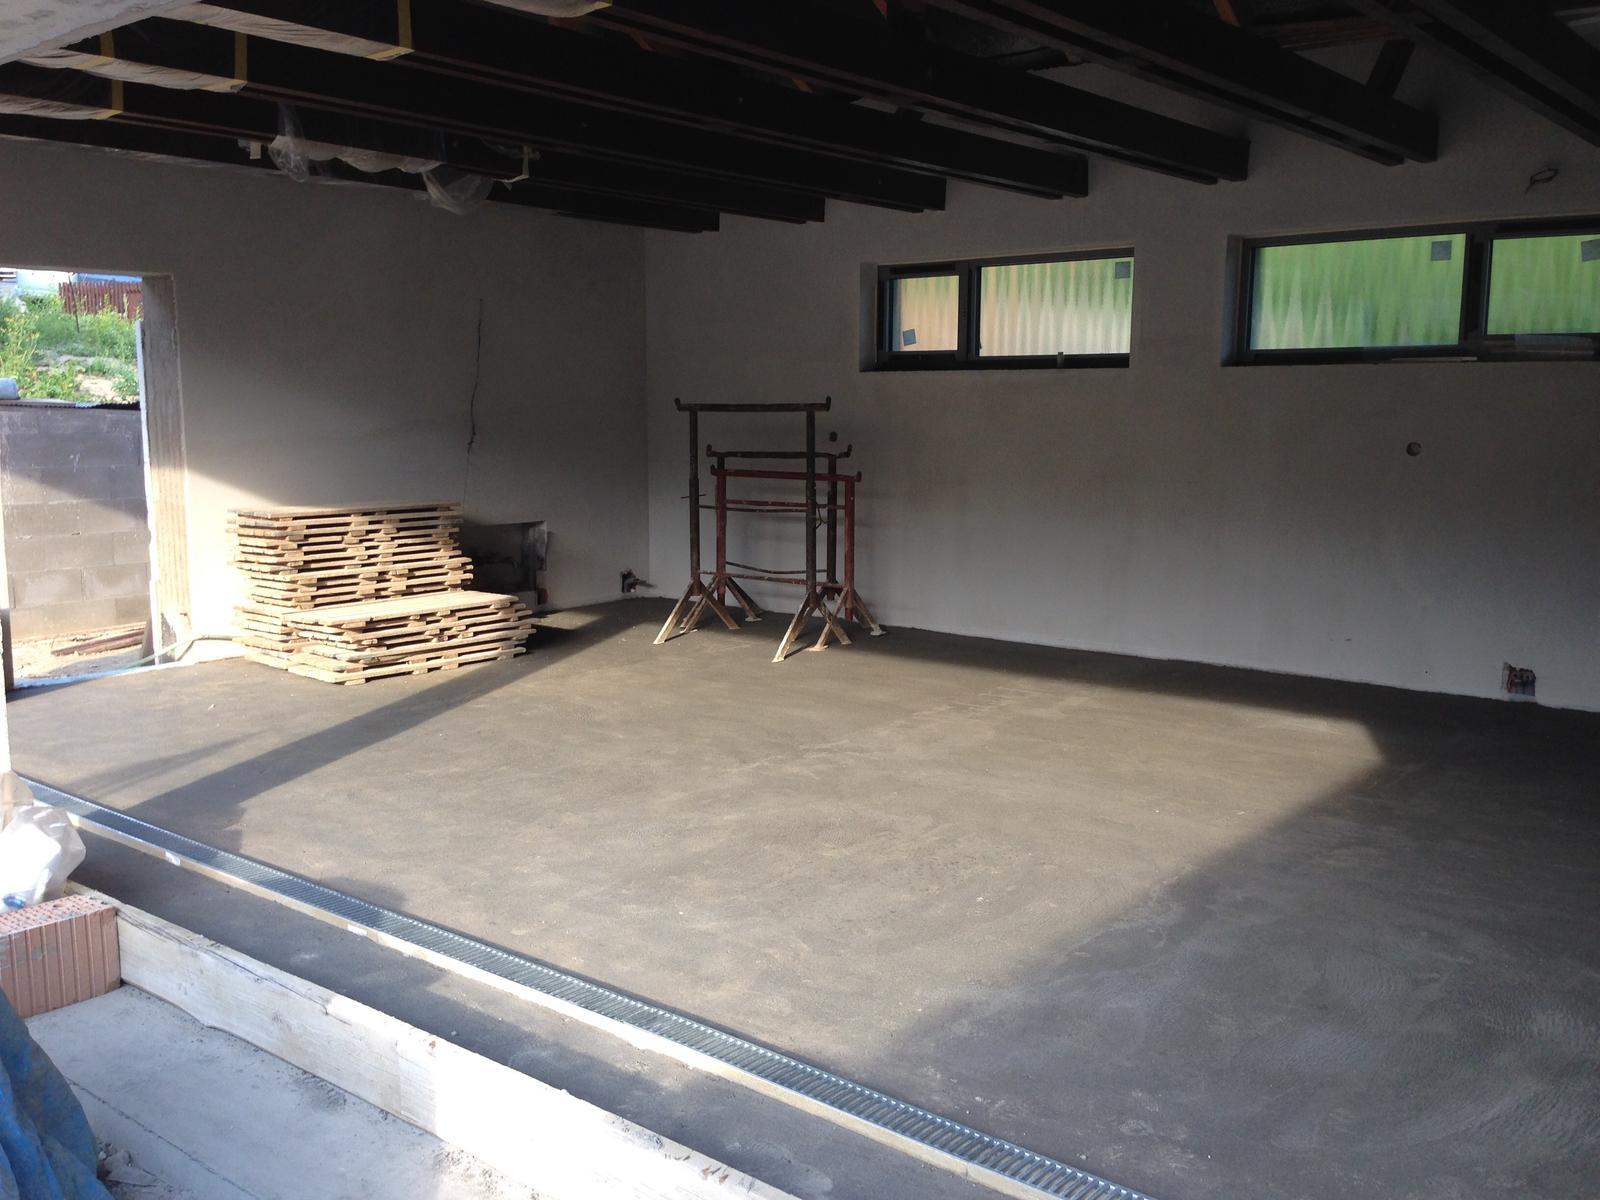 Začínáme..pokračujeme..finišujeme ;-) - Podlaha v garáži vylitá